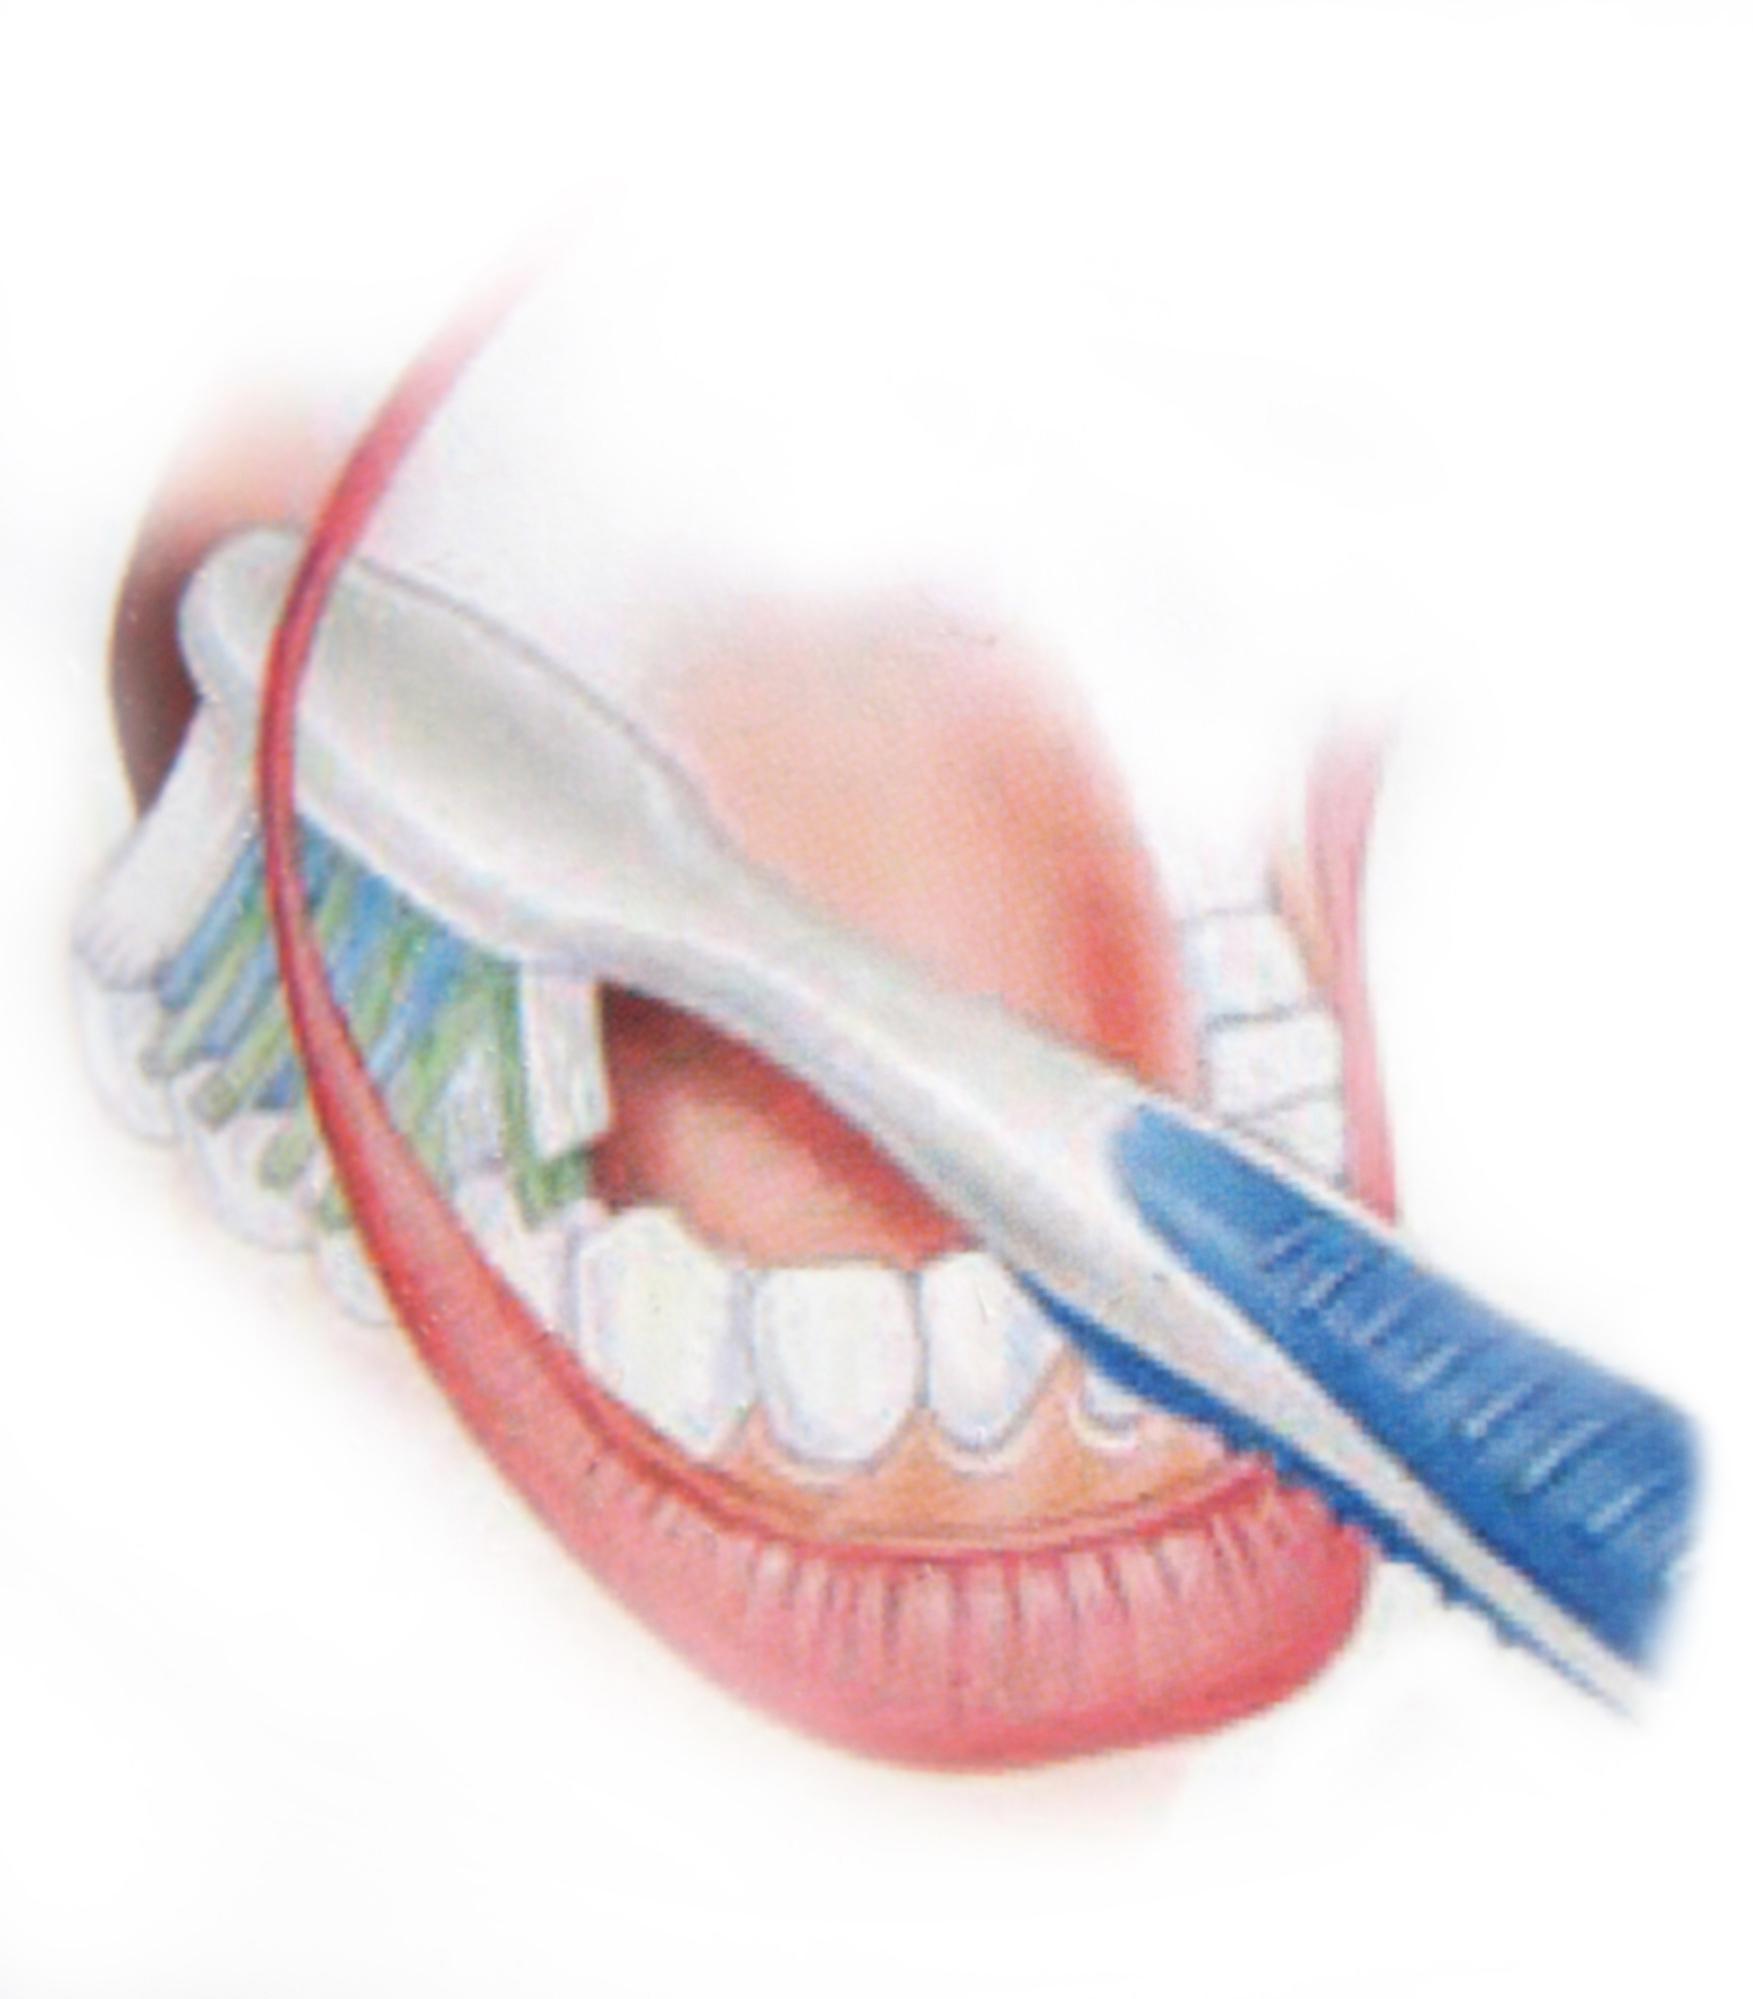 pranje zuba9